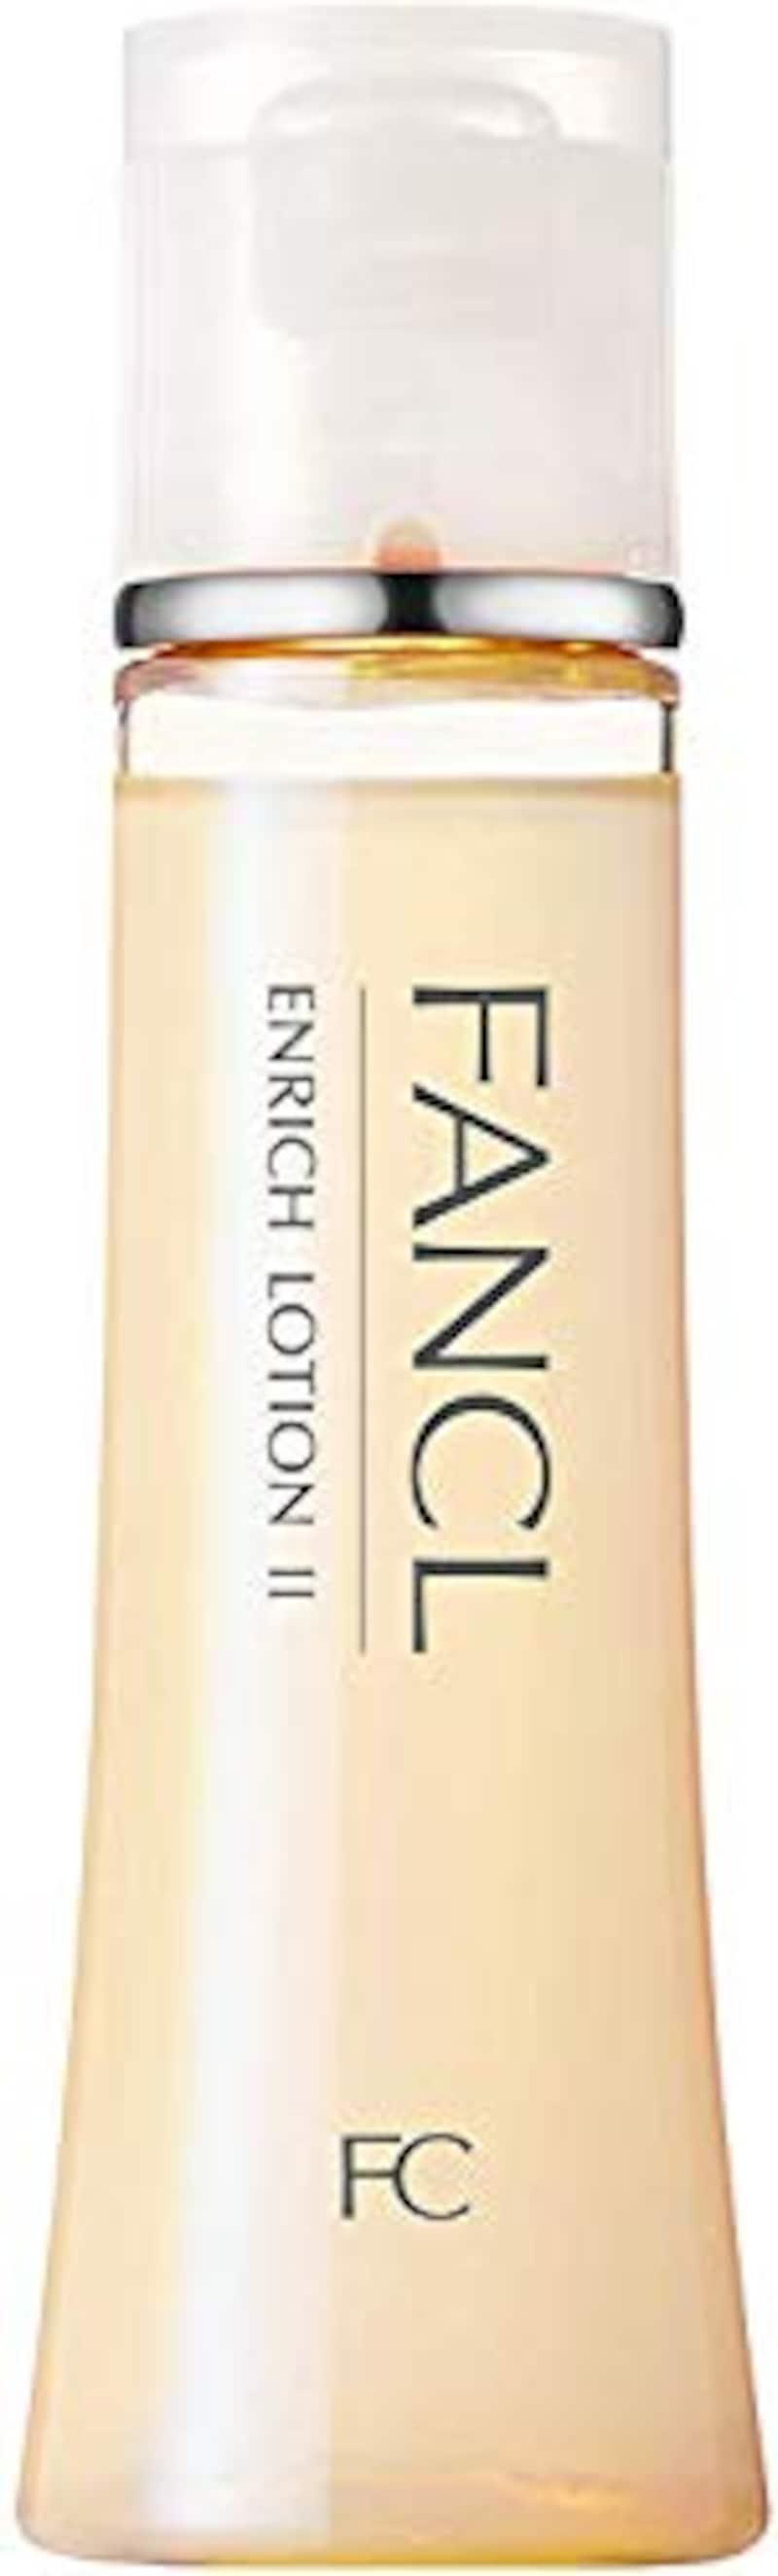 FANCL(ファンケル),エンリッチ 化粧液 II しっとり